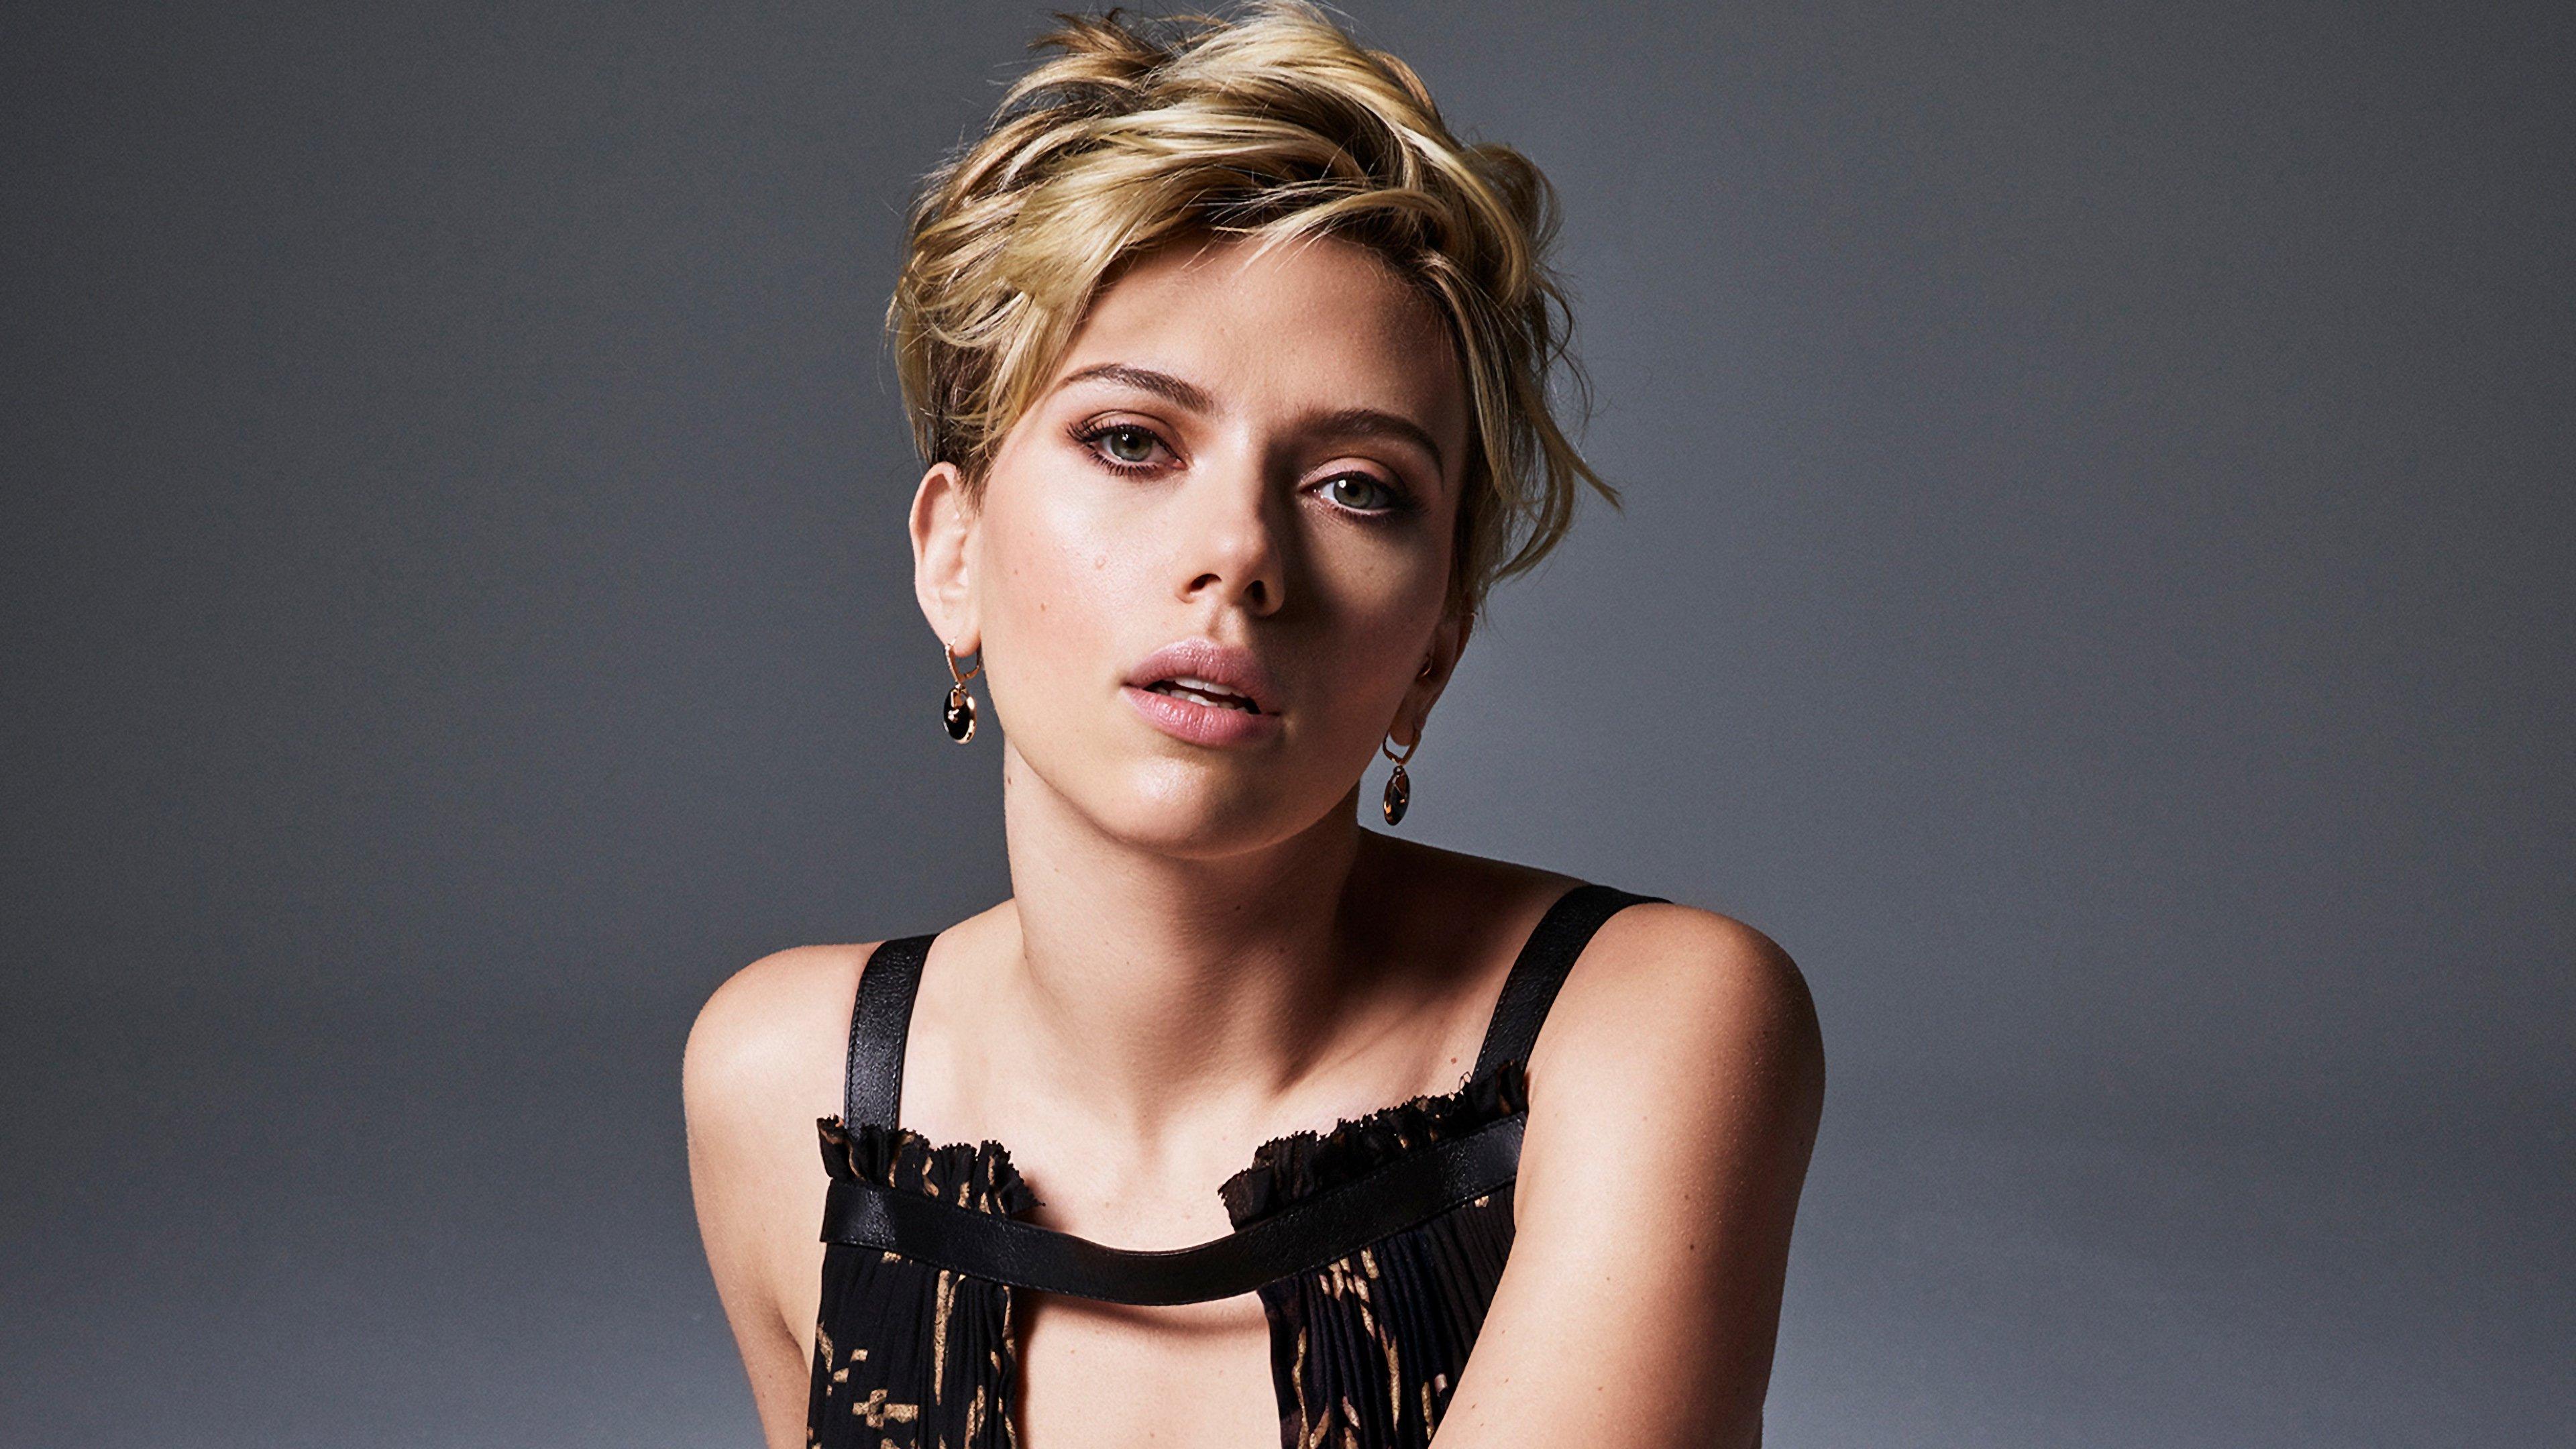 Fondos de pantalla Scarlett Johansson con cabello rubio y corto